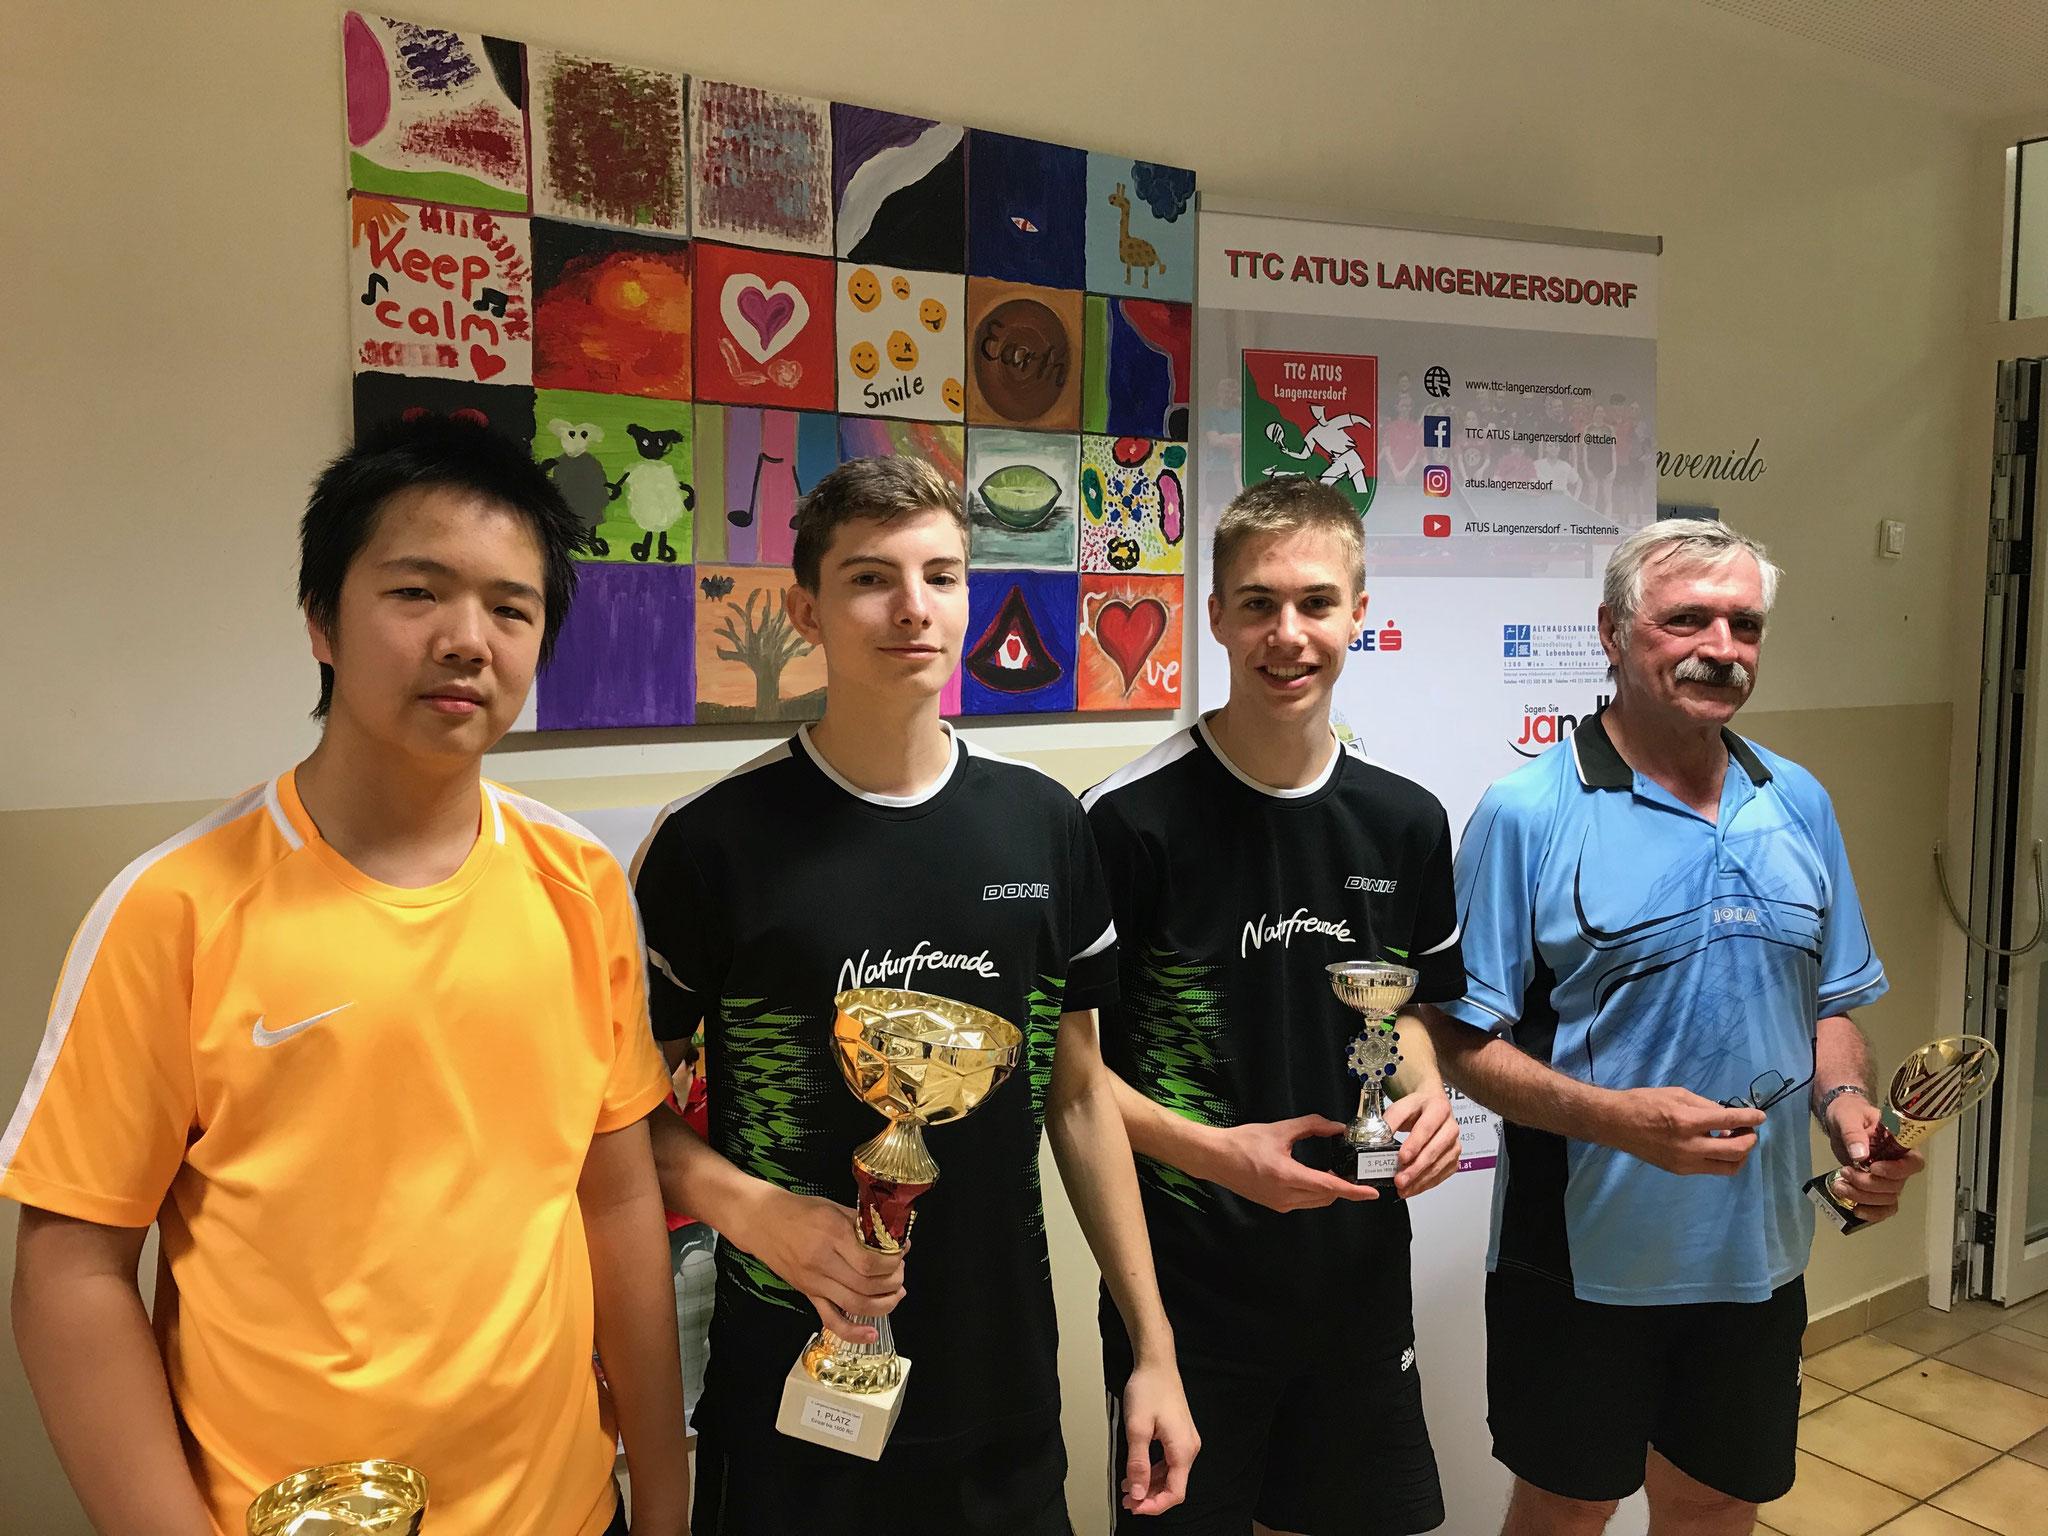 Siegerfoto Bewerb B: v.l.n.r. Eric Tang (NFS) (Platz 2), Martin Trausmuth (NFS) (Sieger), Christian Ritter (NFS) und Robert Panner (SKLW) (beide Platz 3)